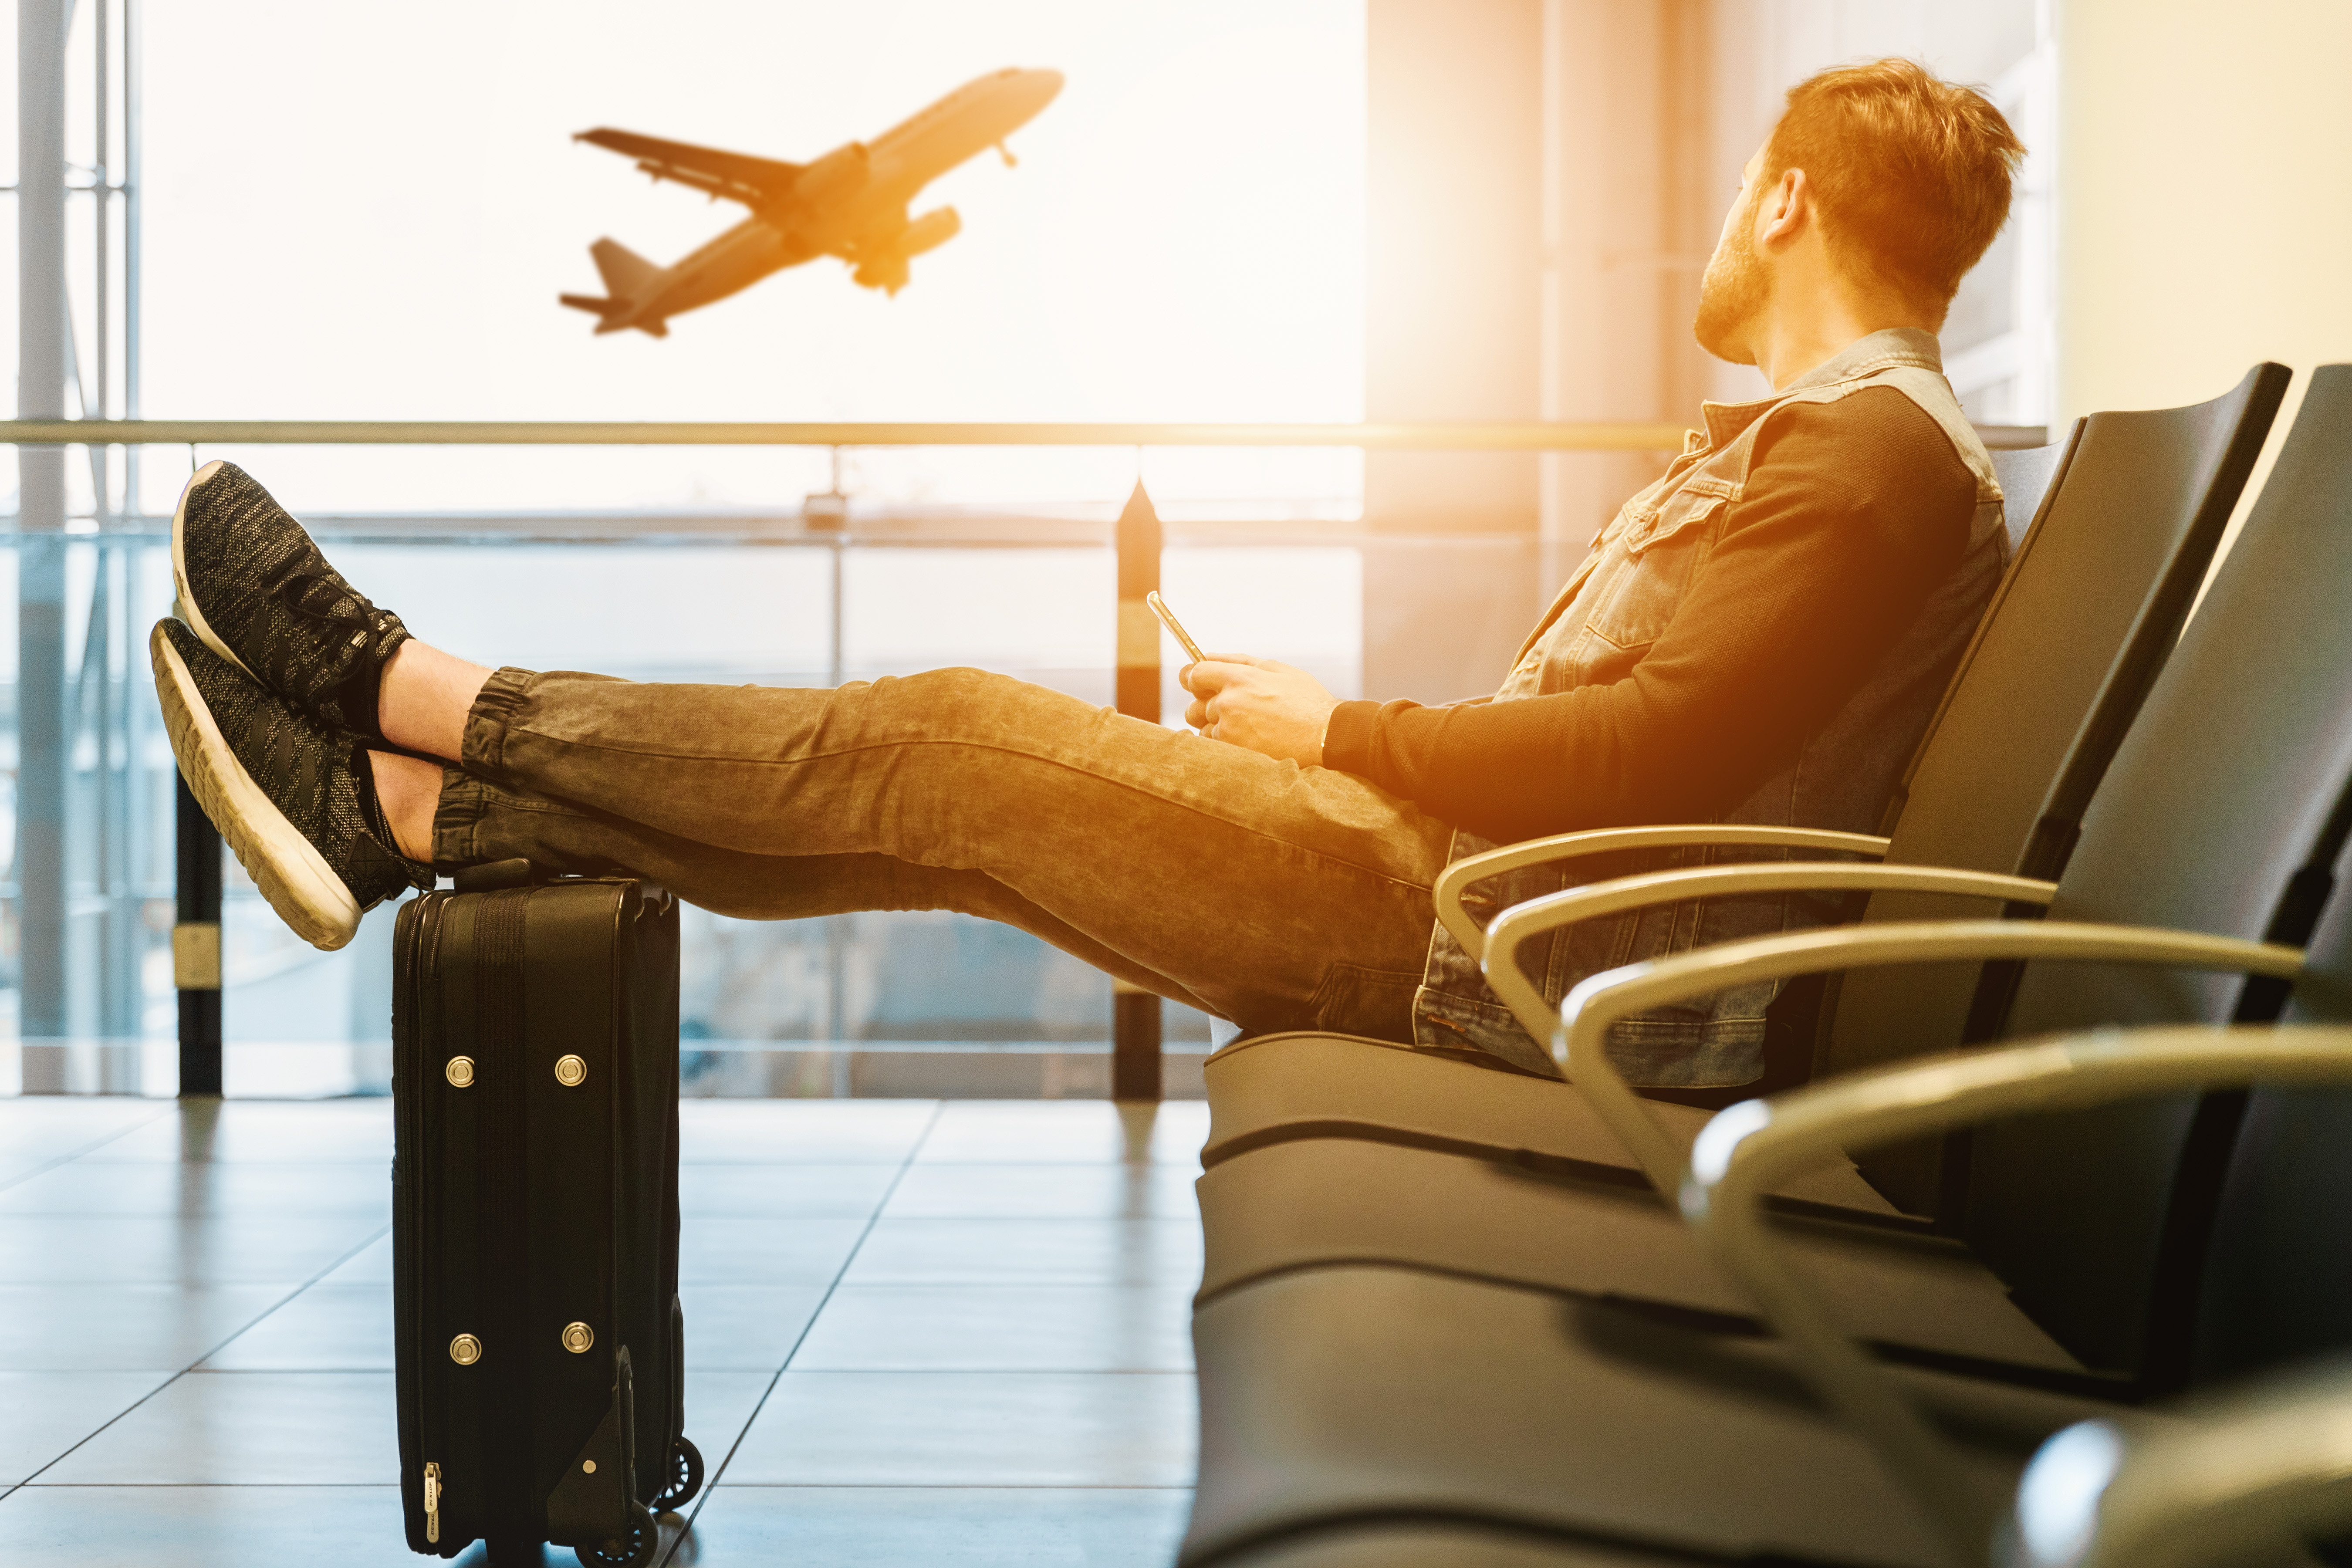 Svenskarna väljer bort flyget i sommar